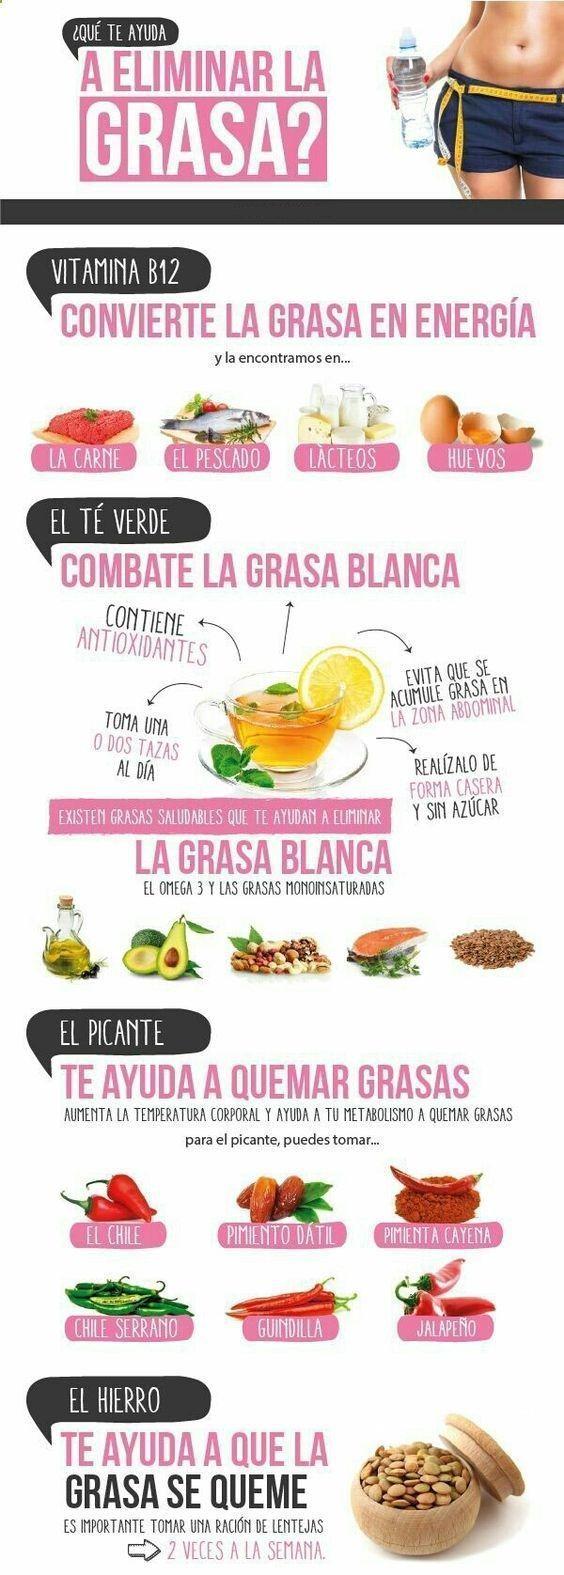 Estos alimentos de ayudaran a eliminar grasa corporal. #saludybelleza #ekala 2 week diet detox